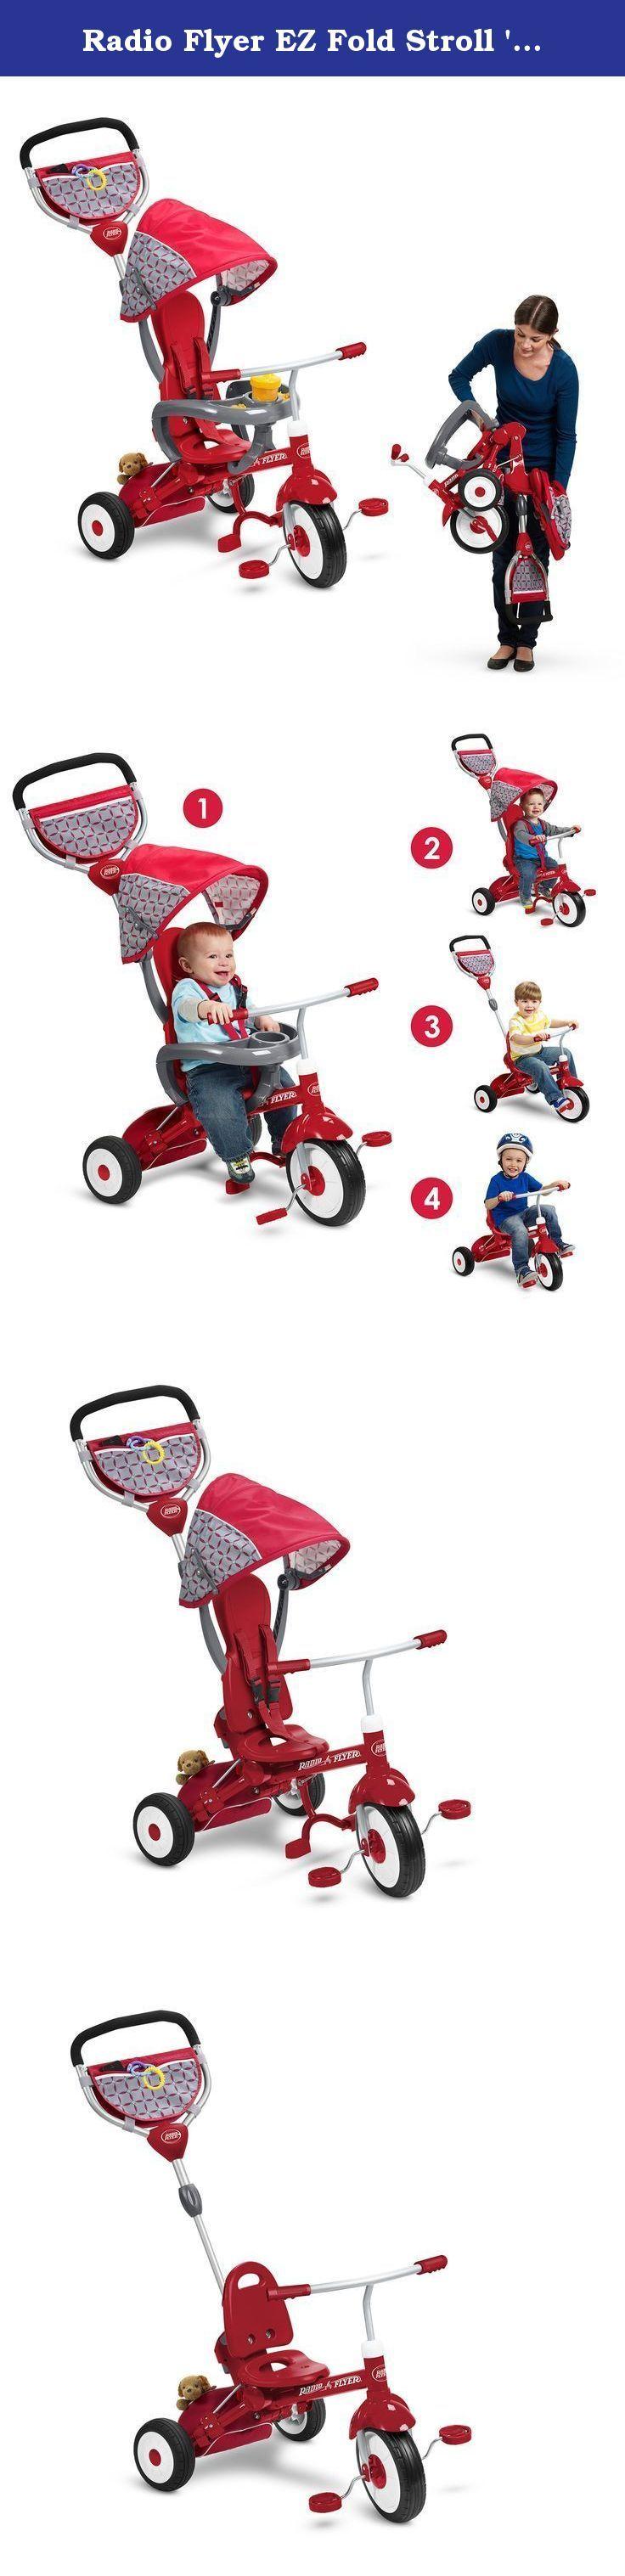 Radio Flyer EZ Fold Stroll 'N Trike Ride On, Red. The EZ